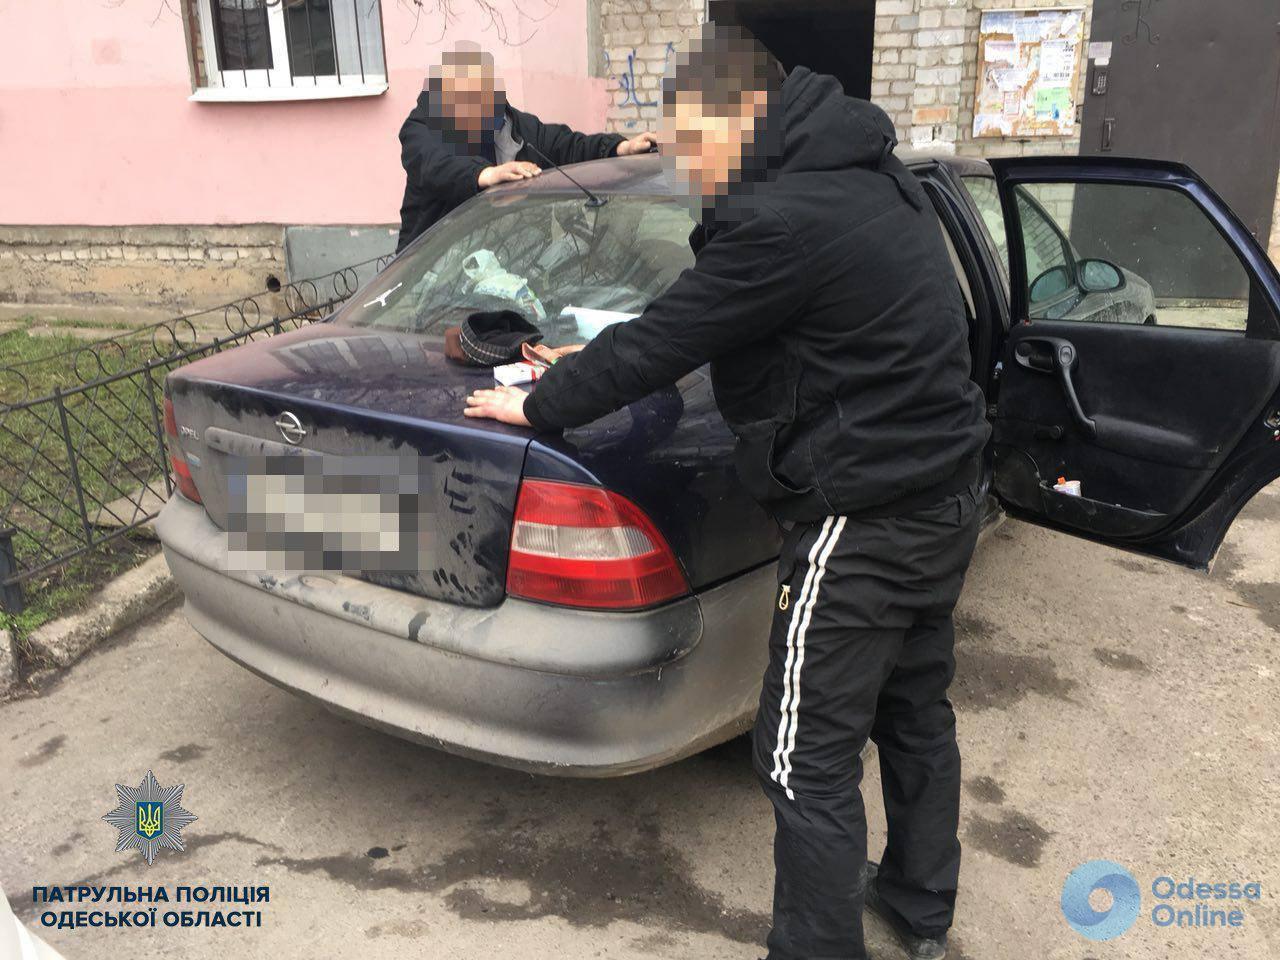 Одесские патрульные задержали угонщиков